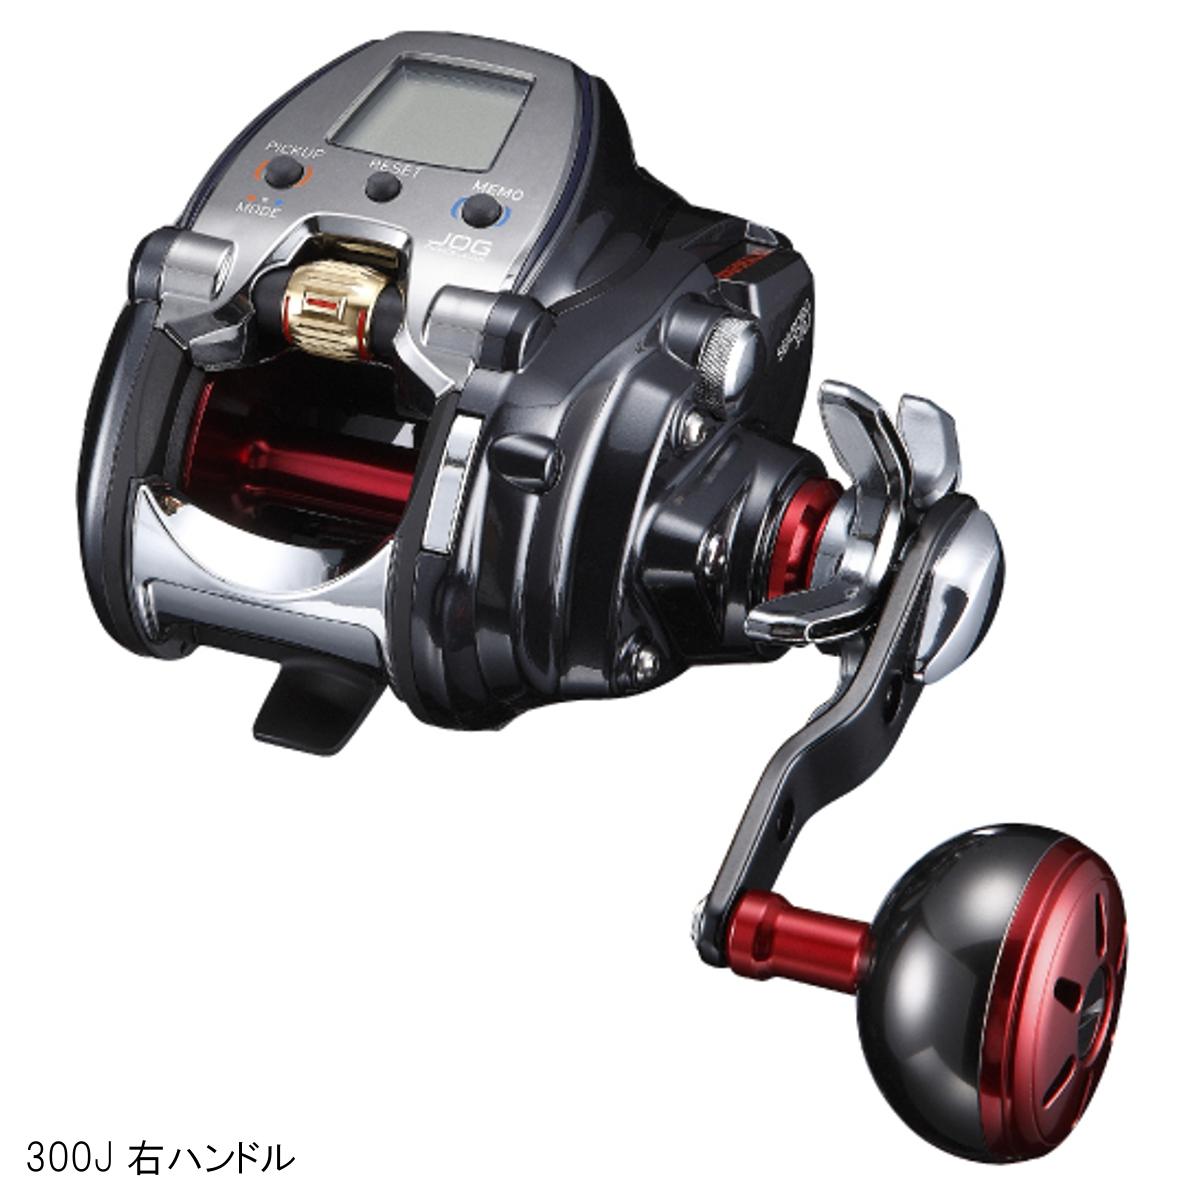 ダイワ シーボーグ 300J 右ハンドル(東日本店)